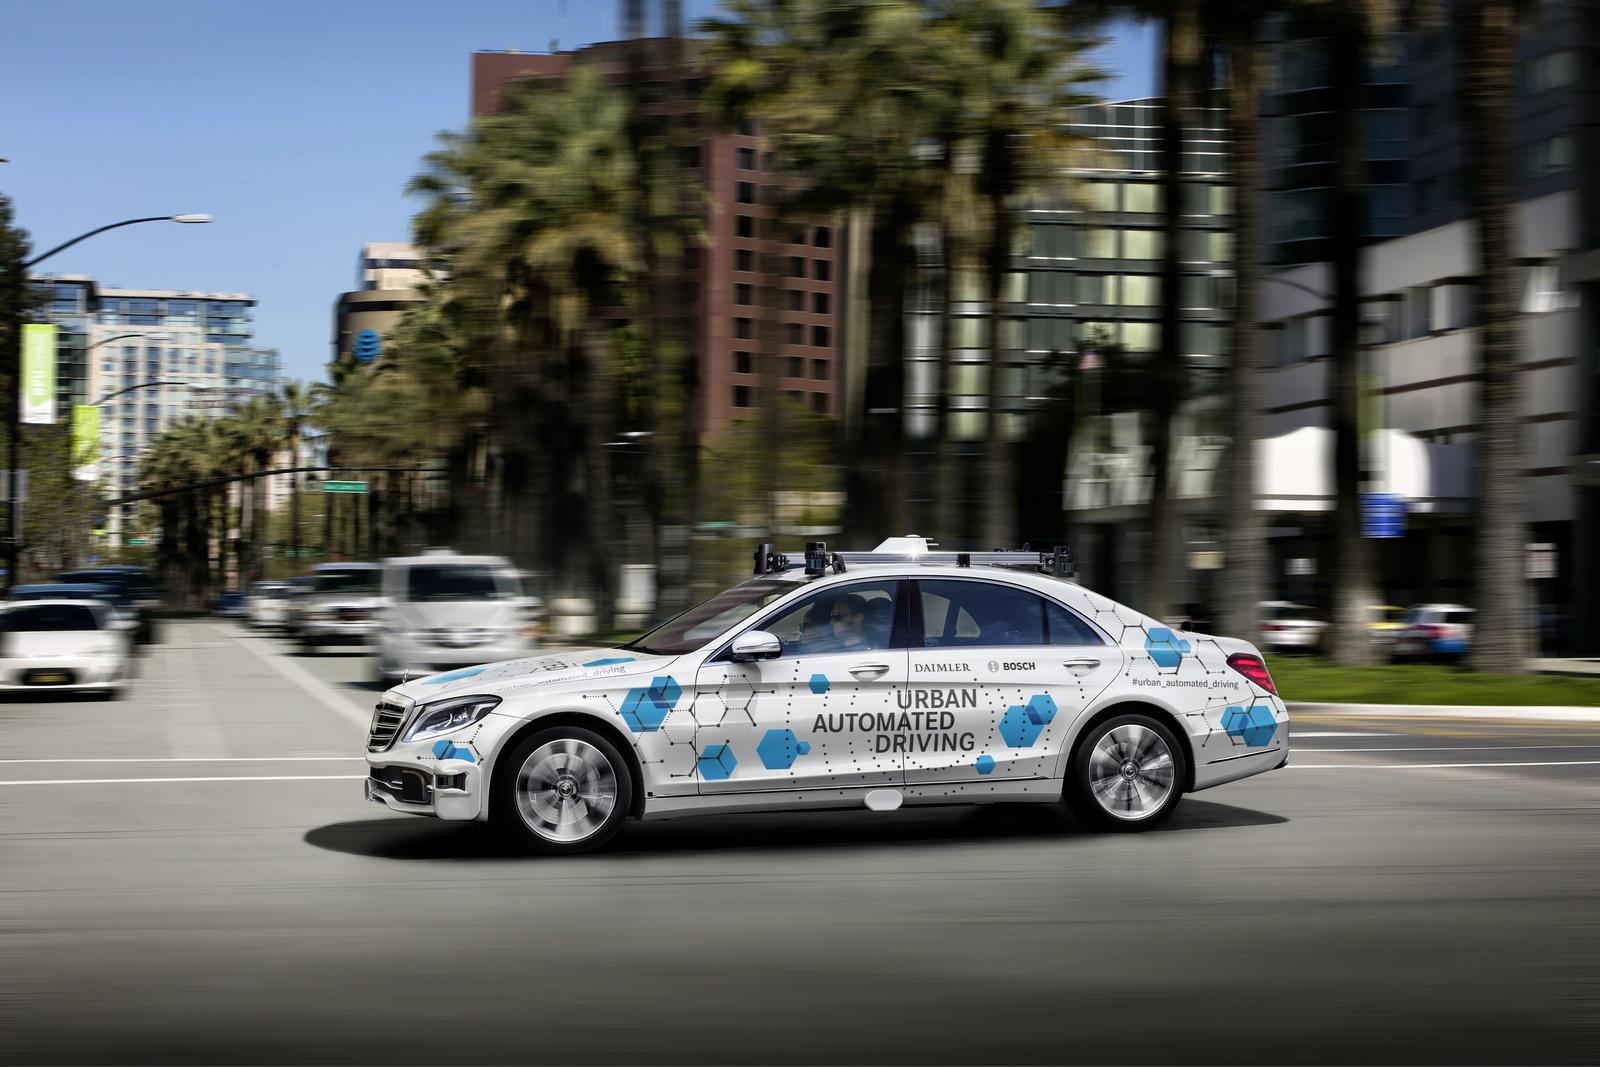 Bosch a Daimler spoločne pracujú na riešeniach automatizovanej jazdy